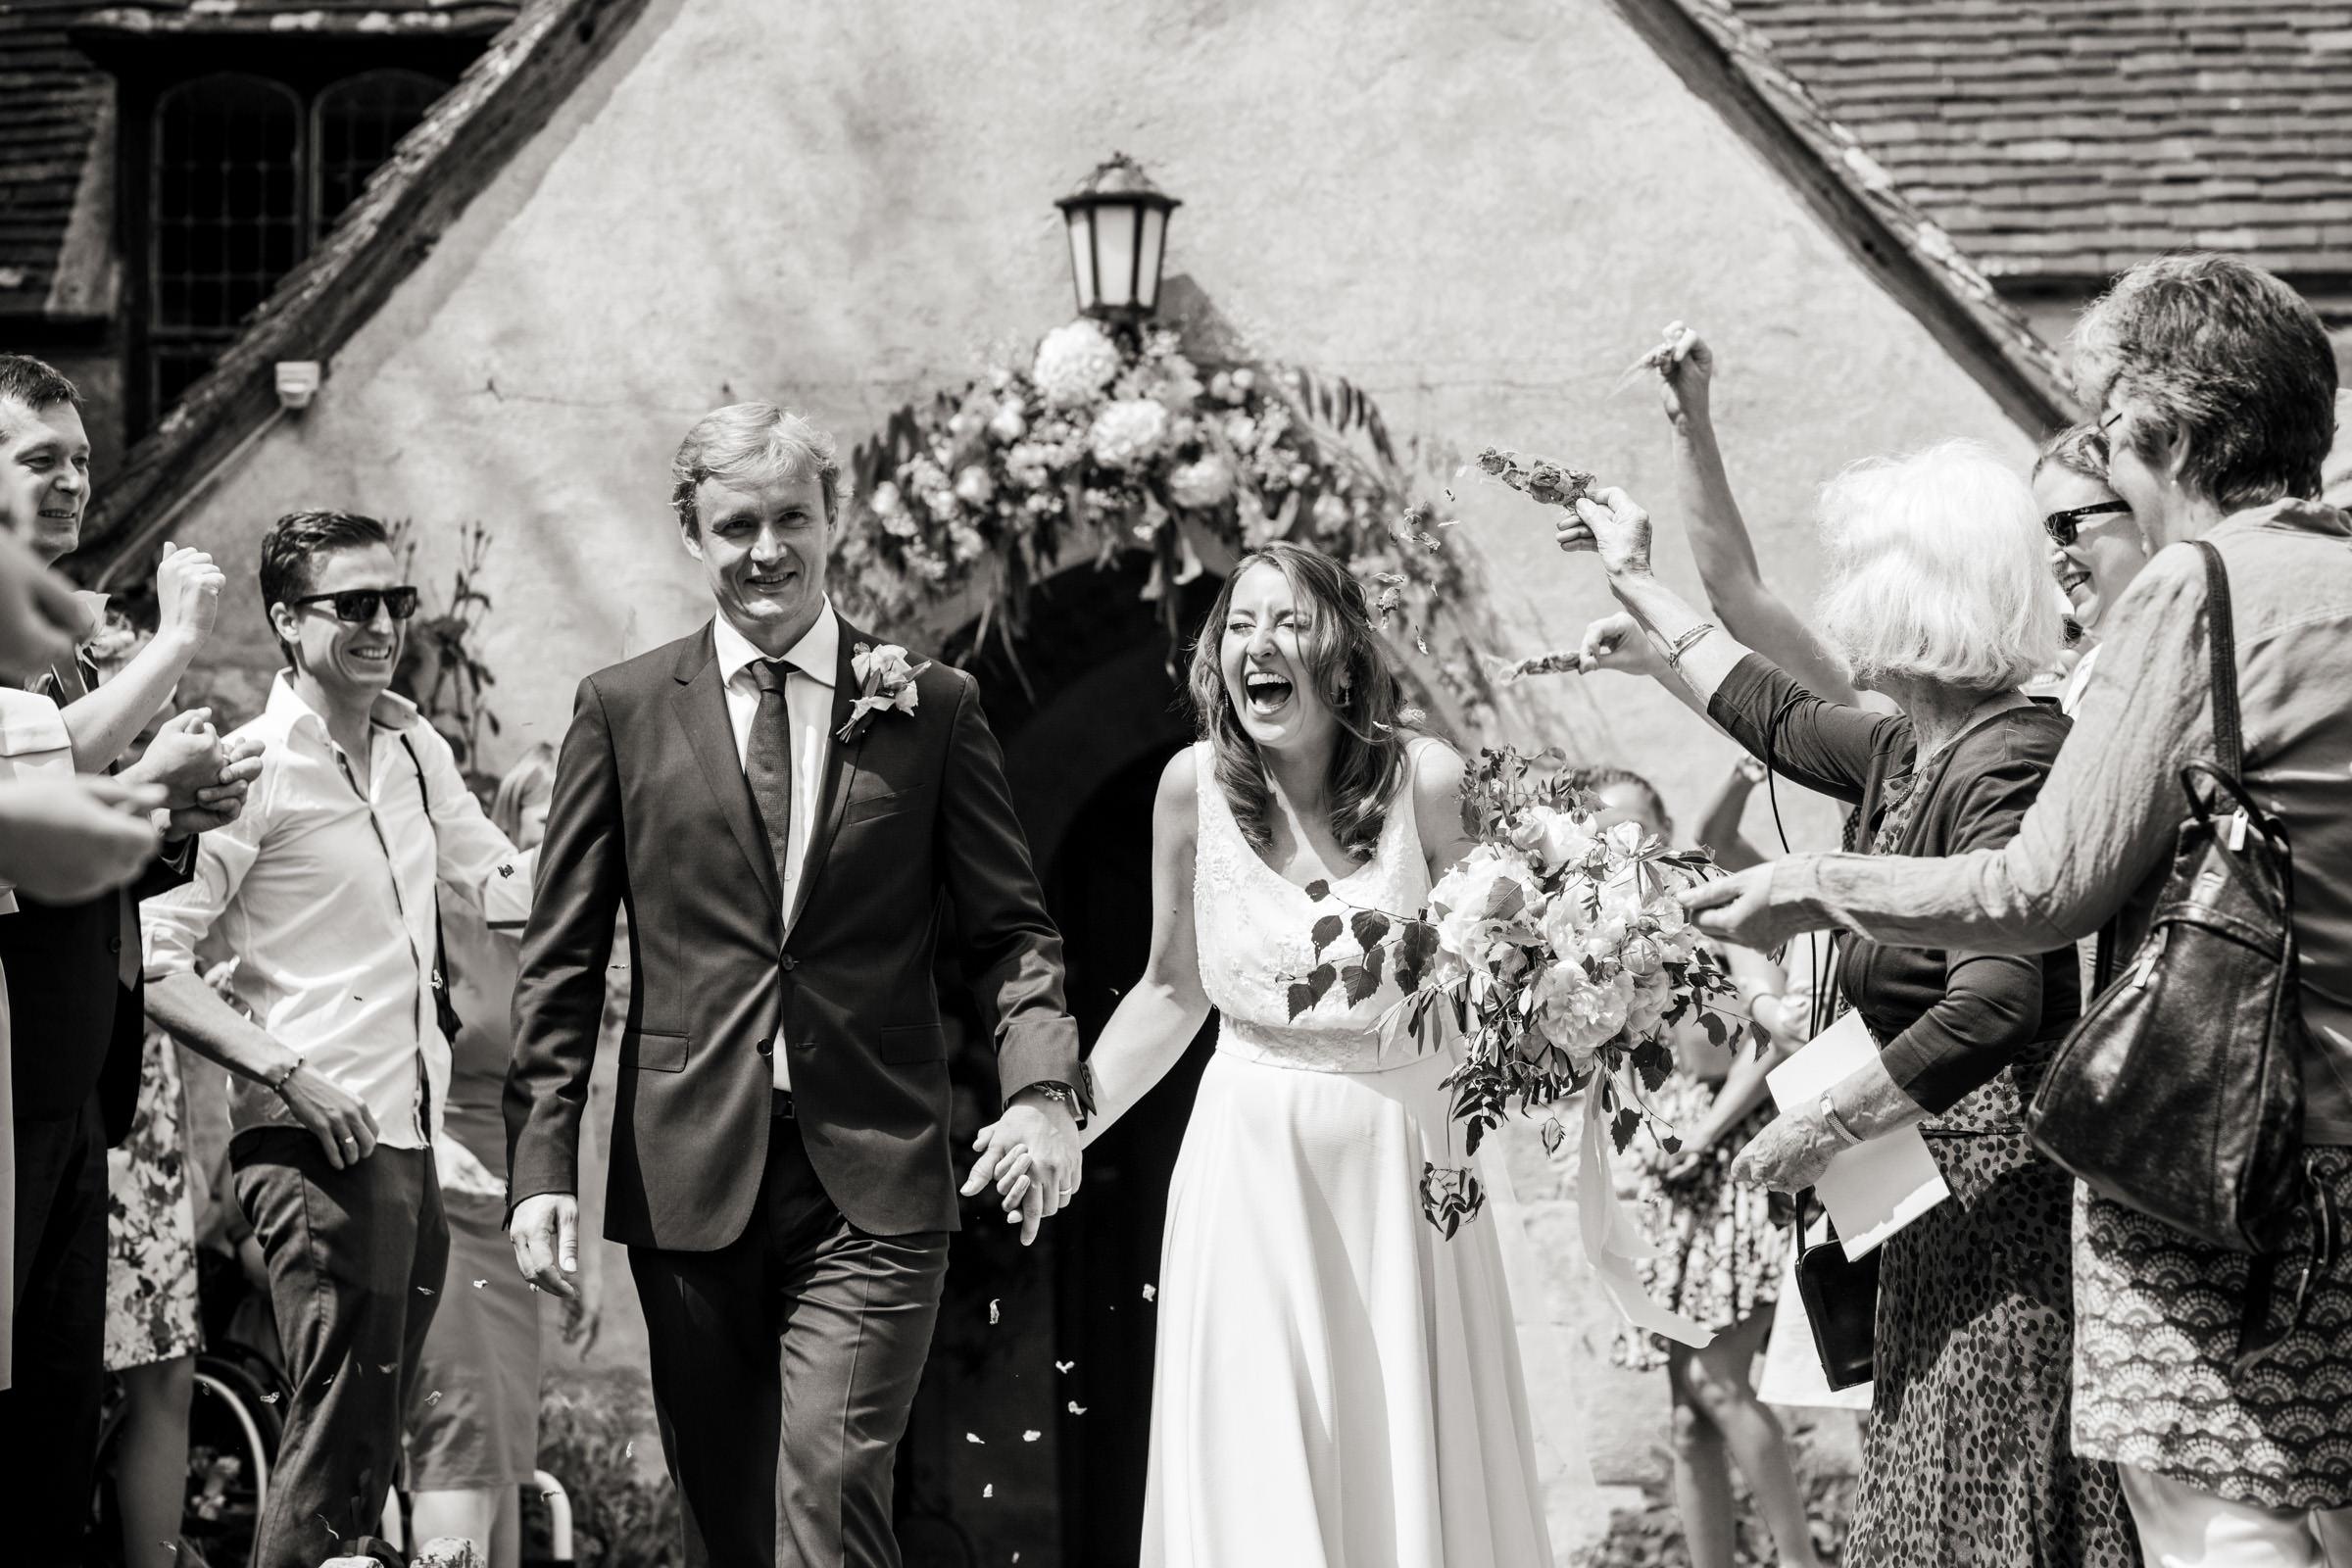 wedding photography at Gins Barn